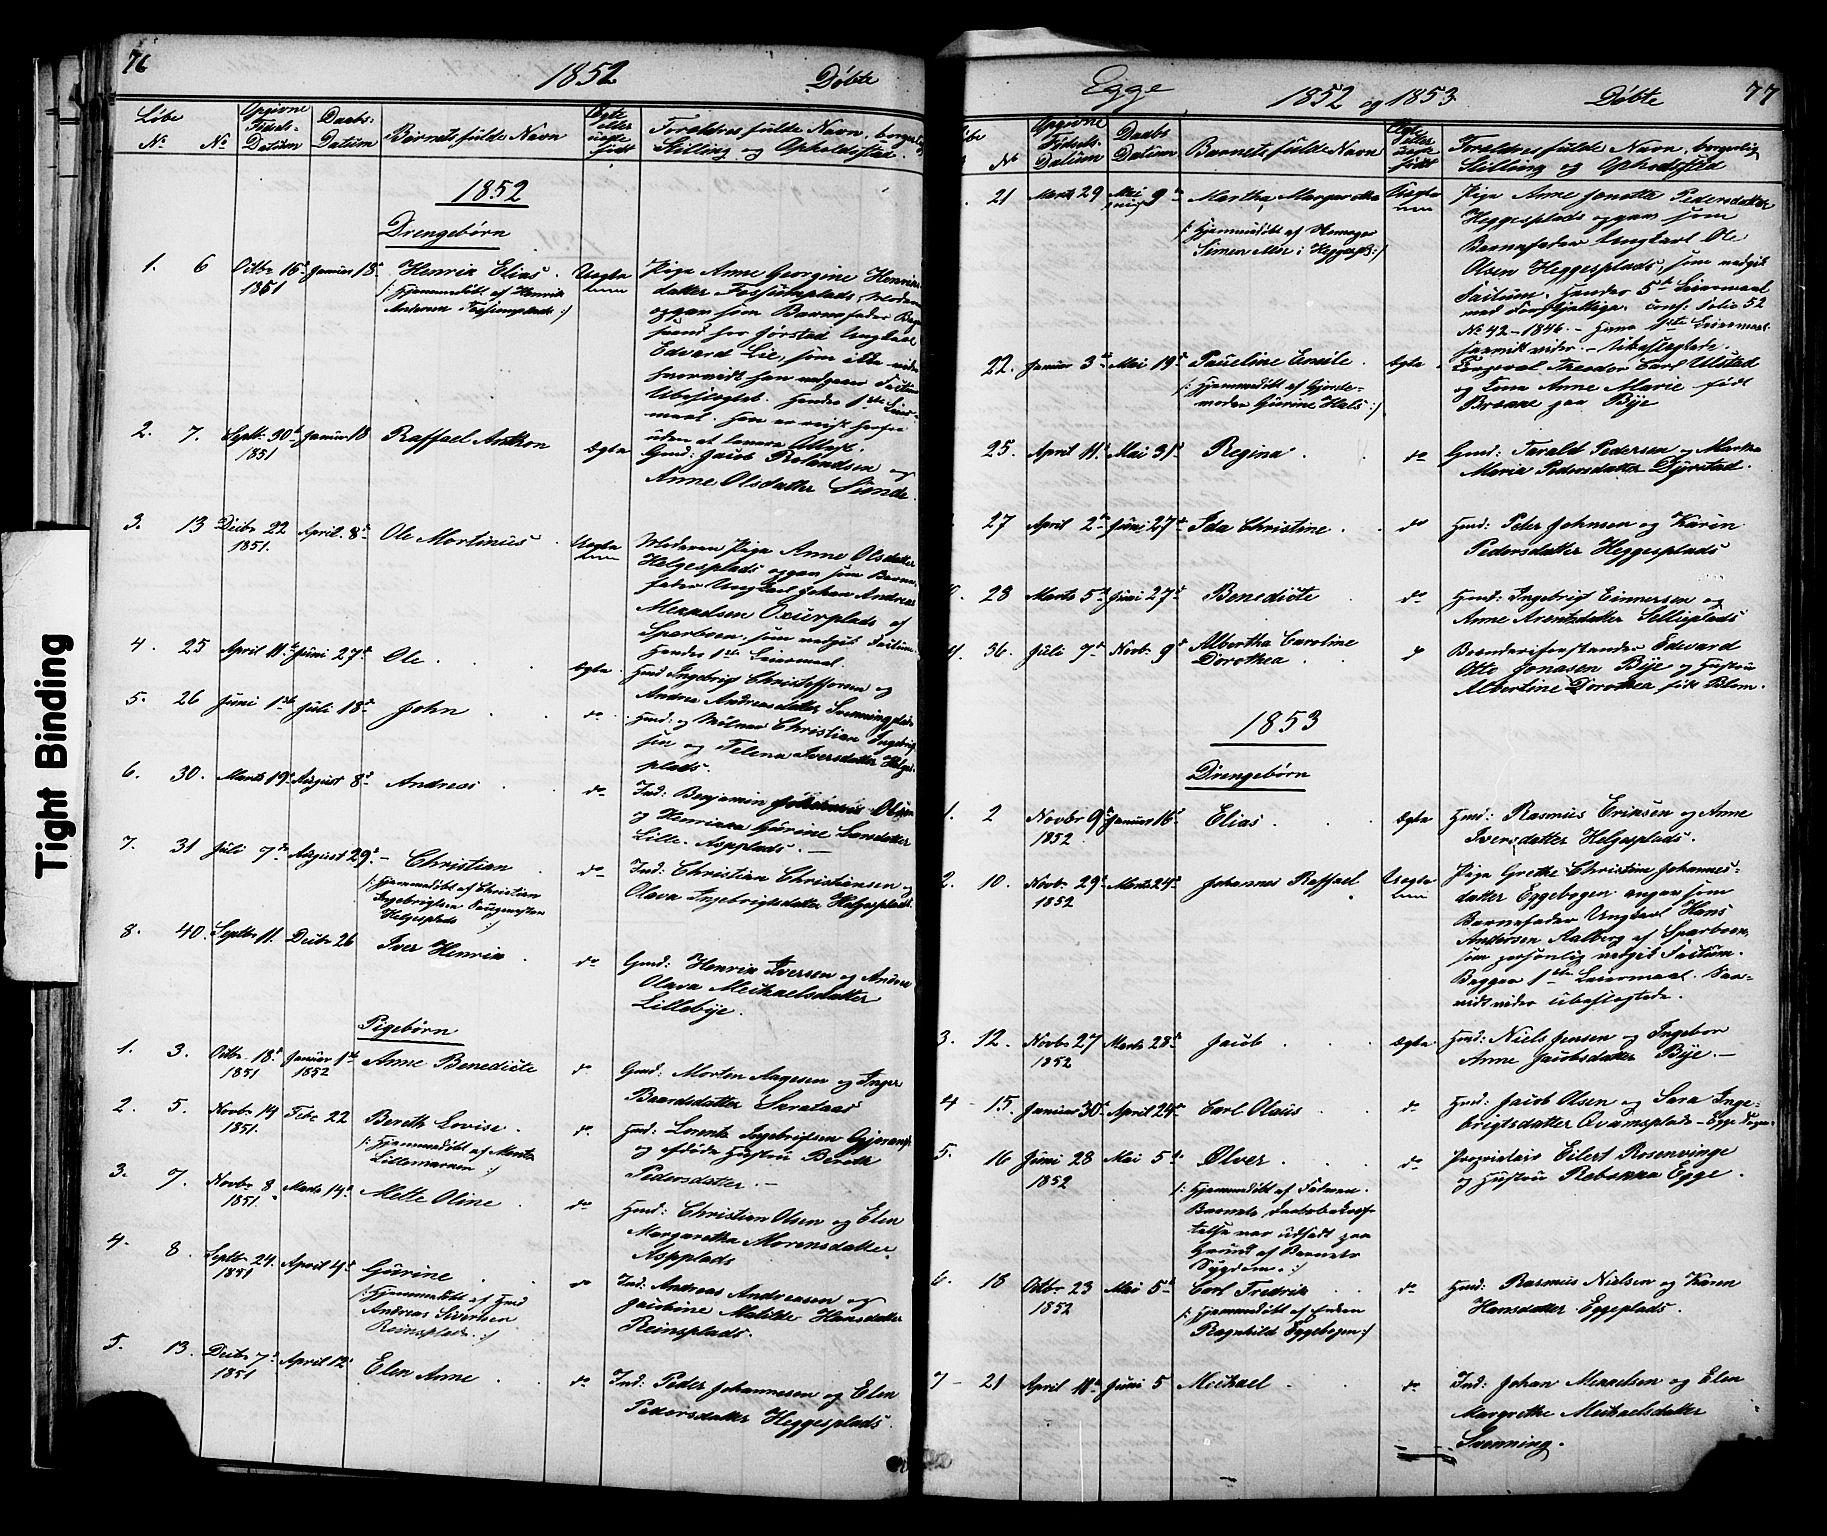 SAT, Ministerialprotokoller, klokkerbøker og fødselsregistre - Nord-Trøndelag, 739/L0367: Ministerialbok nr. 739A01 /3, 1838-1868, s. 76-77